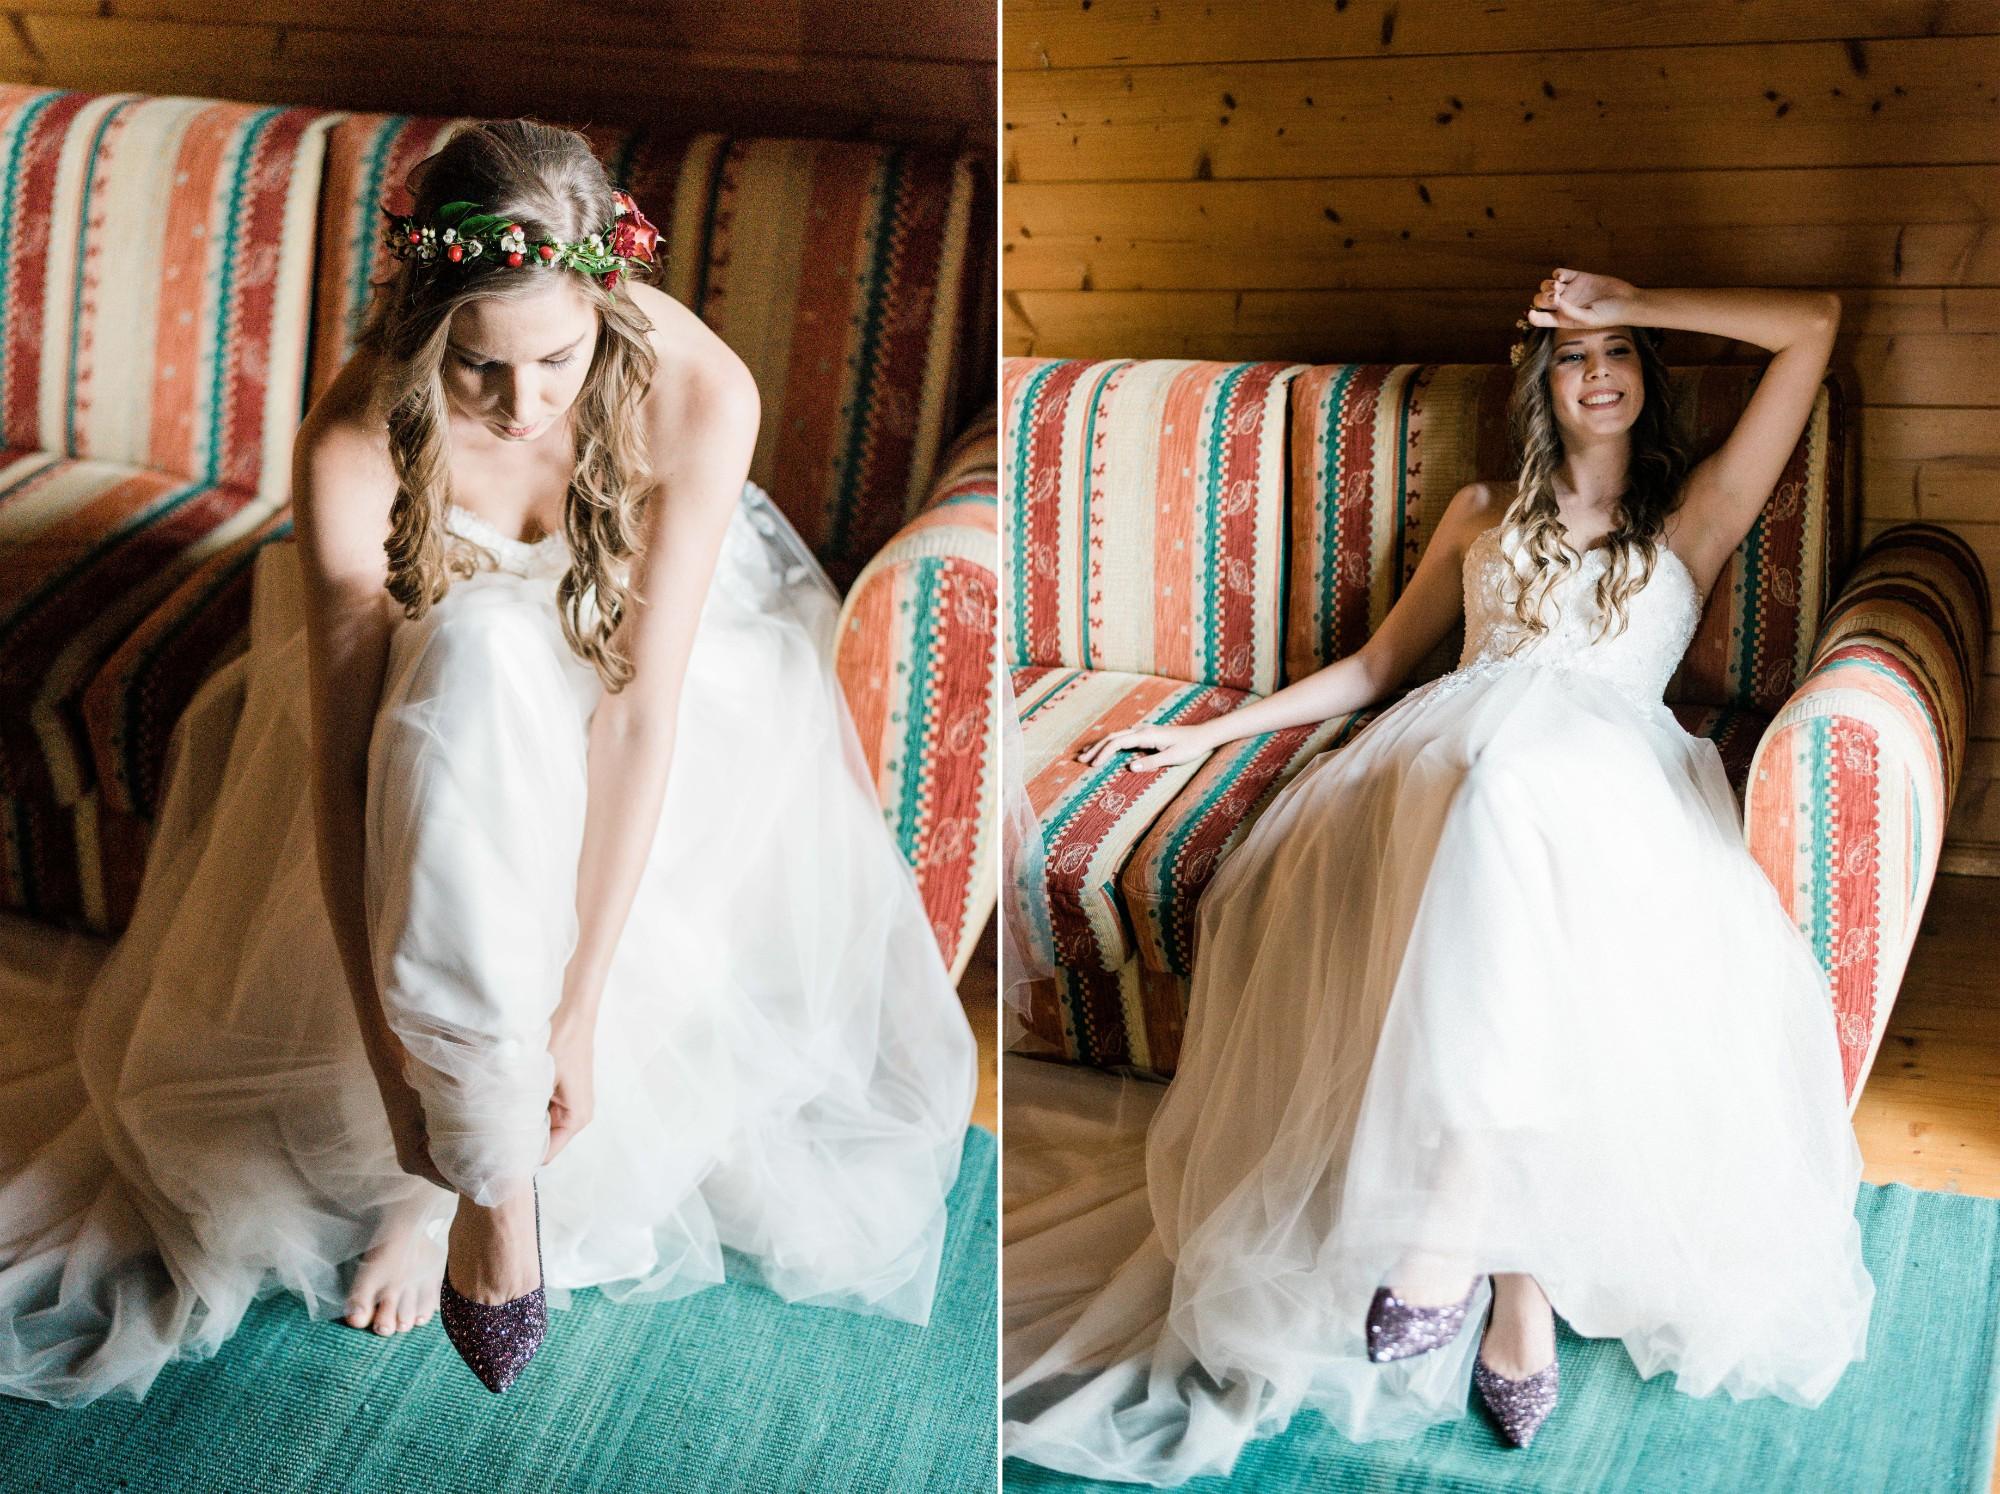 eskuvo menyasszony keszulodes laza konnyed.jpg